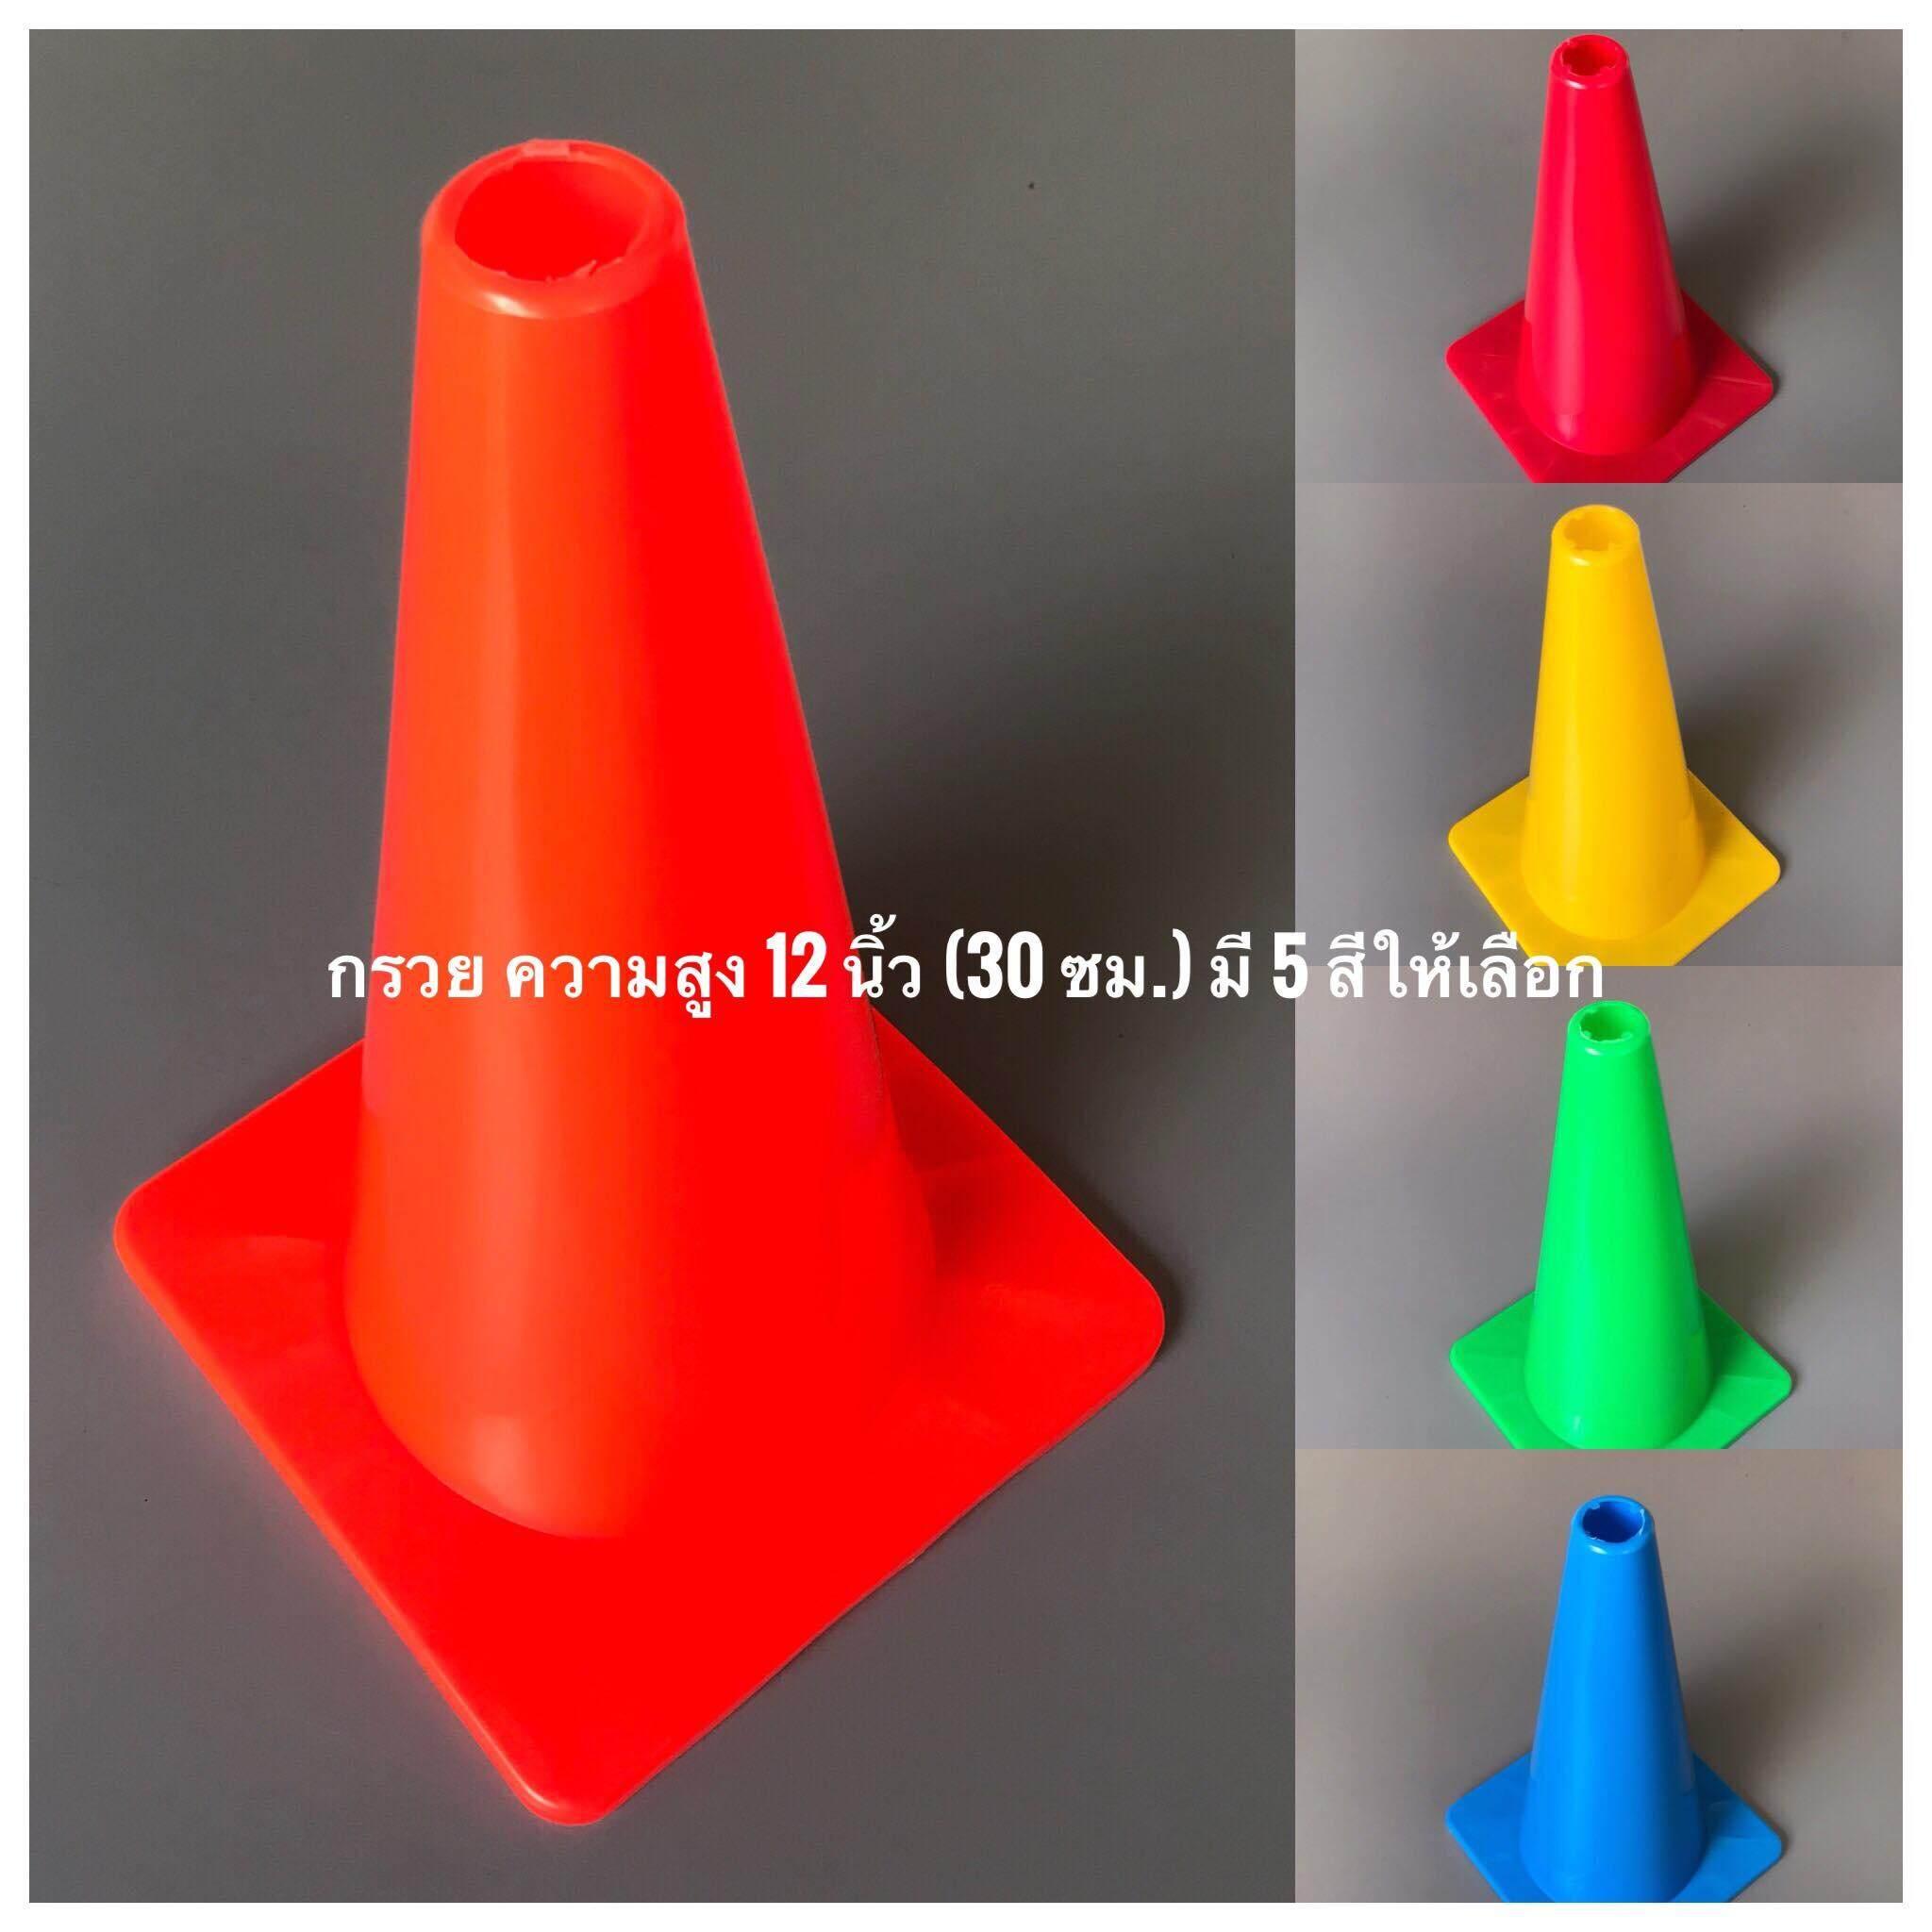 กรวย สูง 30 ซม. (12 นิ้ว) ฐาน 18.5*18.5 ซม. กรวยฝึกซ้อม กรวยซ้อมบอล กรวยกีฬา มี 5 สีให้เลือก / Agility Cone H 30 Cm./ 12 Inches Base 18.5*18.5 Cm. (5 Color).